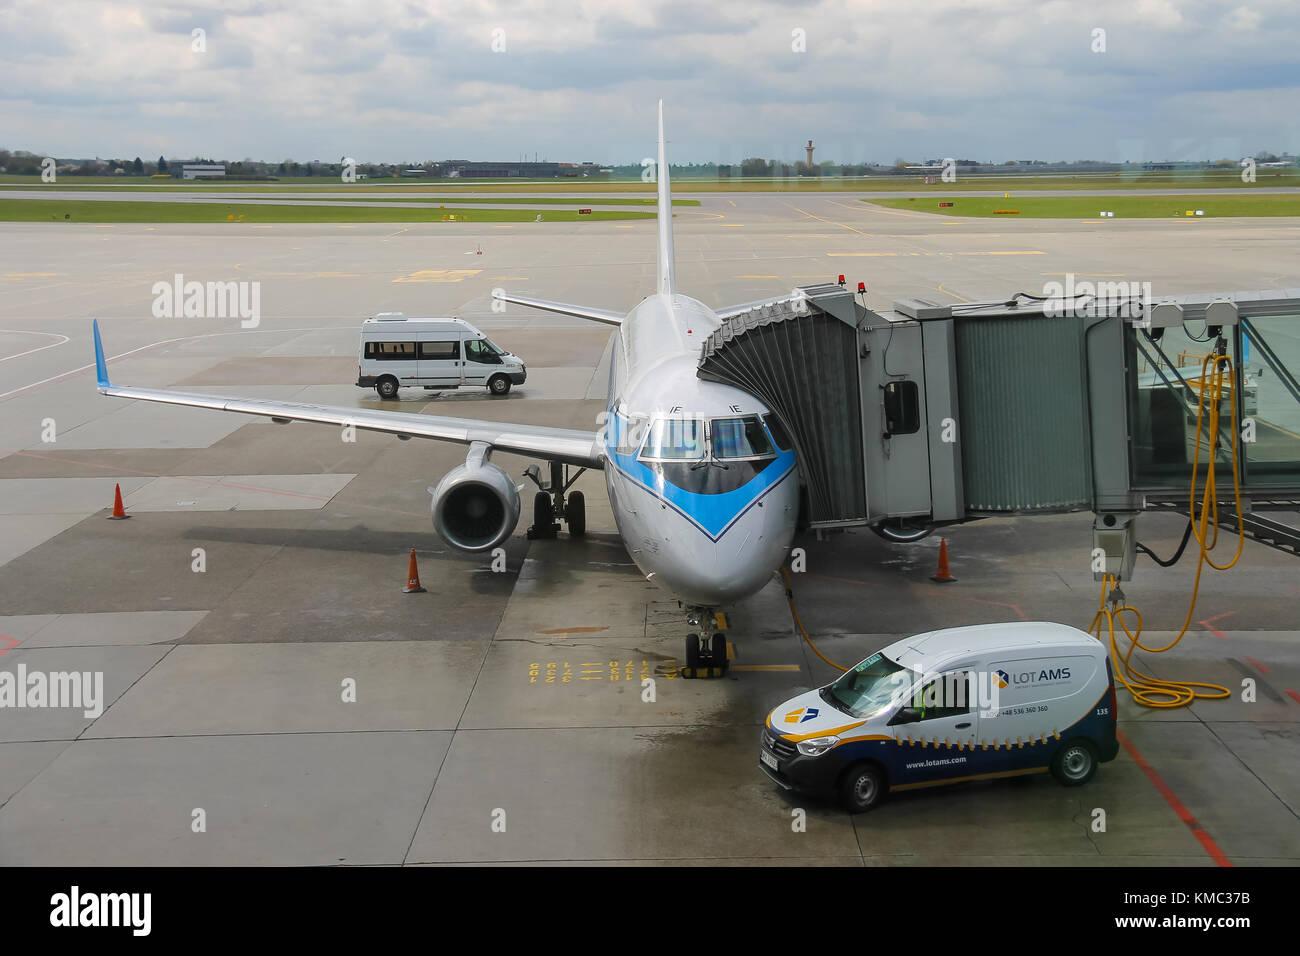 Aeroporto Waw : Warsaw poland apr 18 2015: preflight service of the plane in